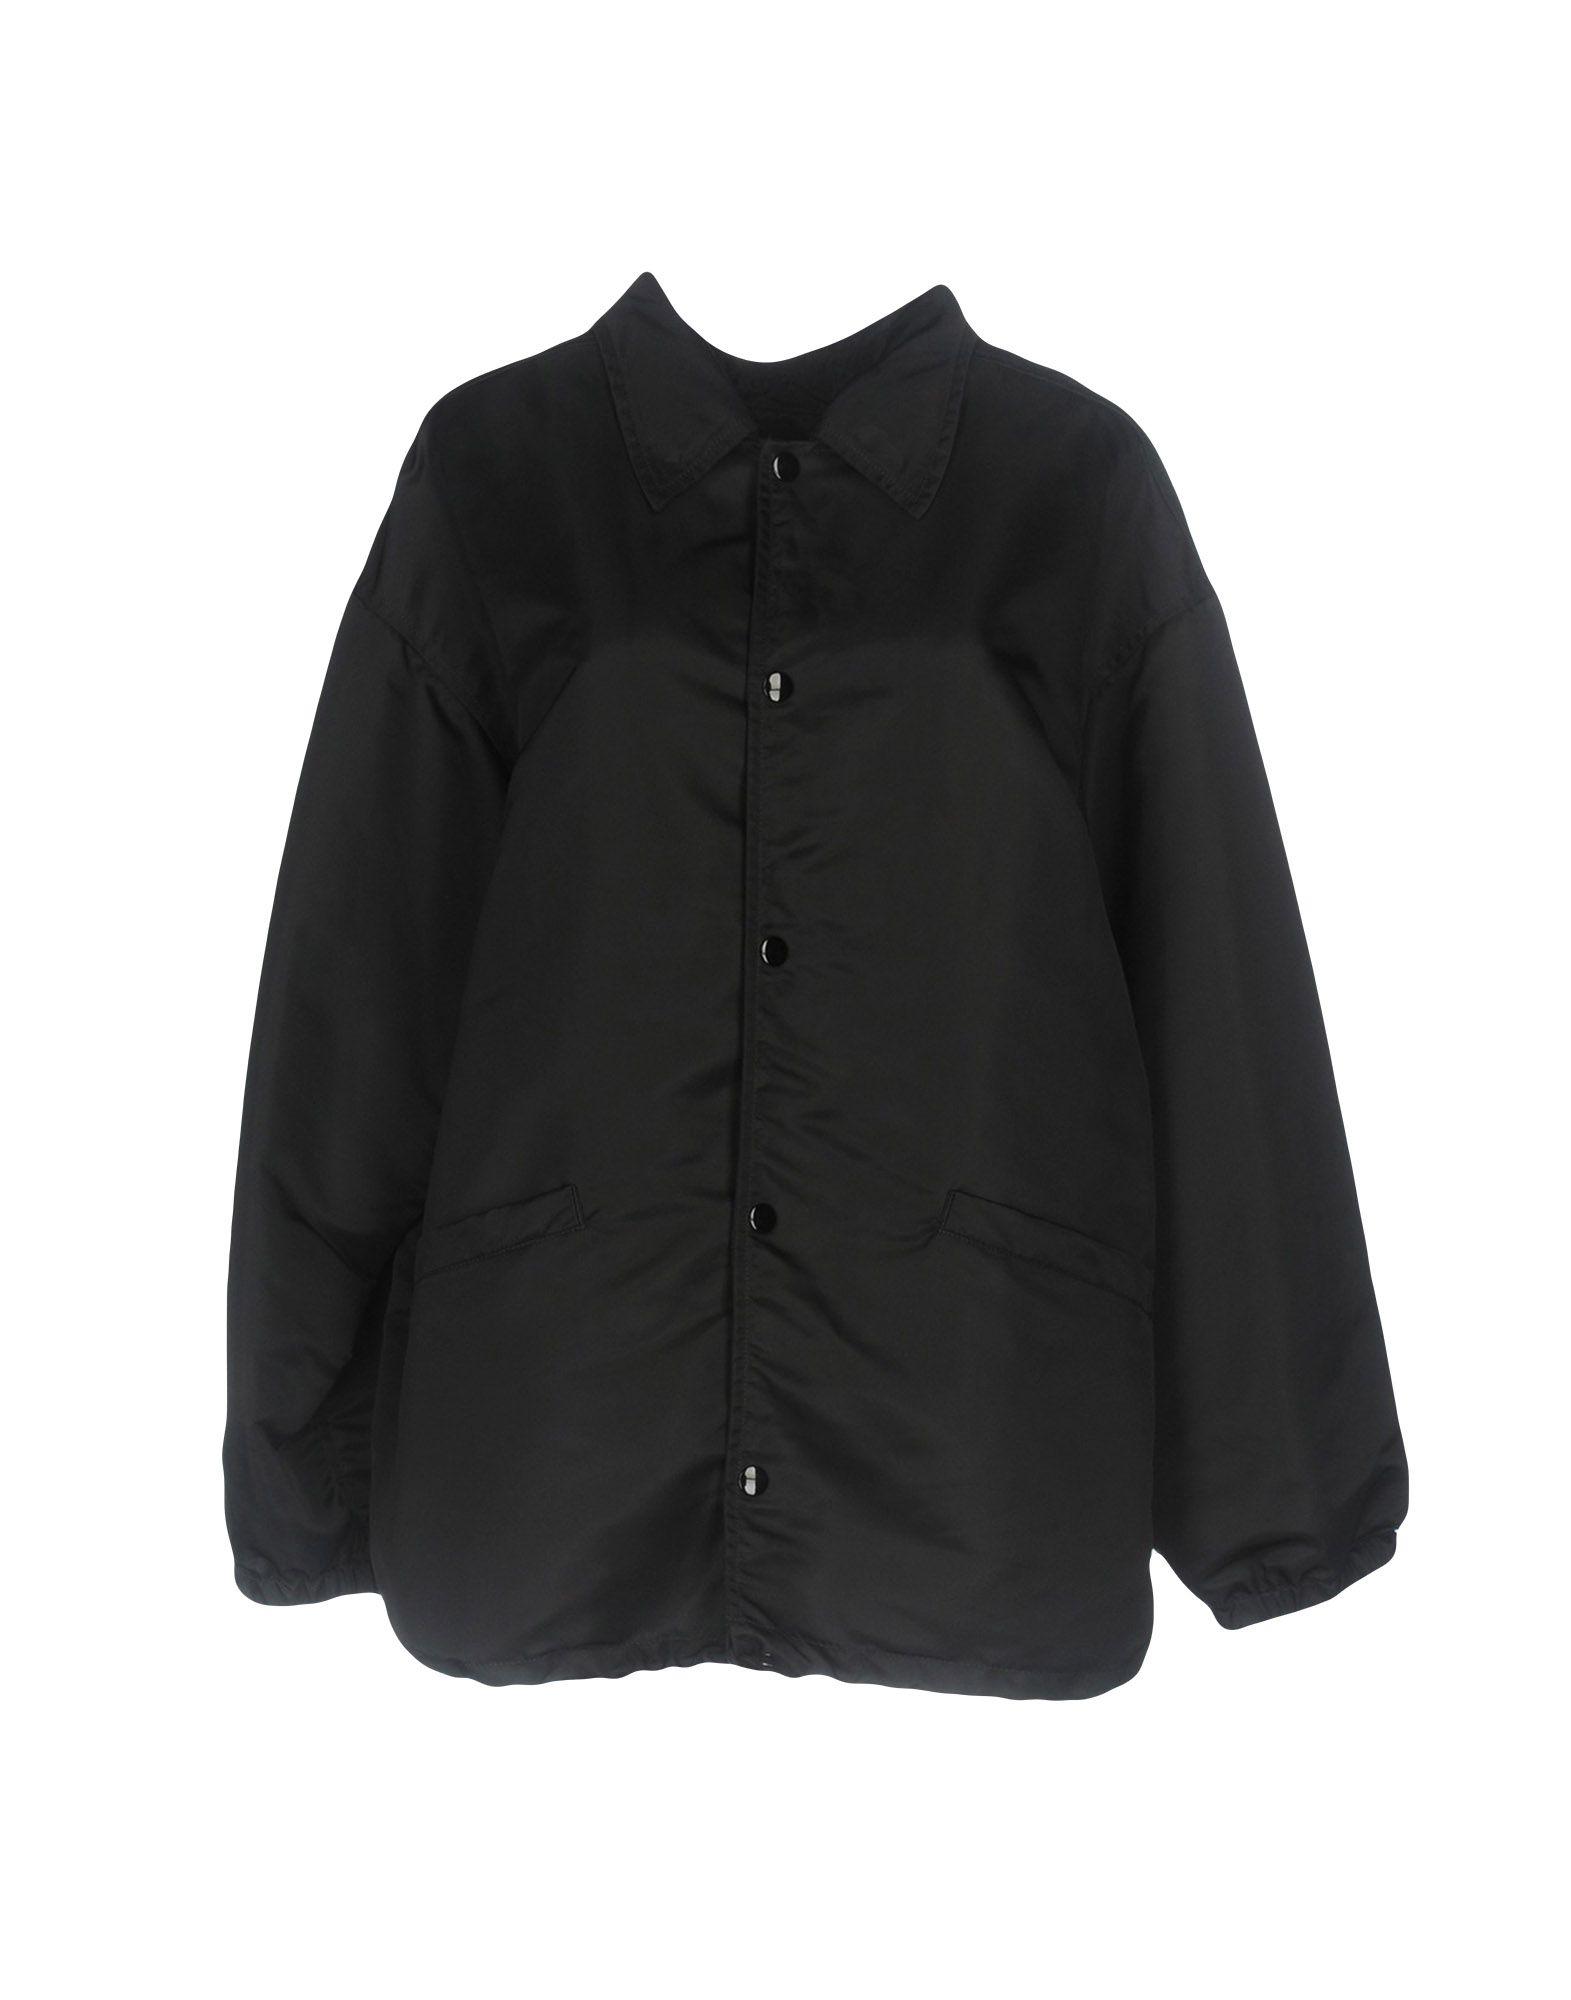 Giubbotto Balenciaga Donna - Acquista online su QiaN0gK0Pm